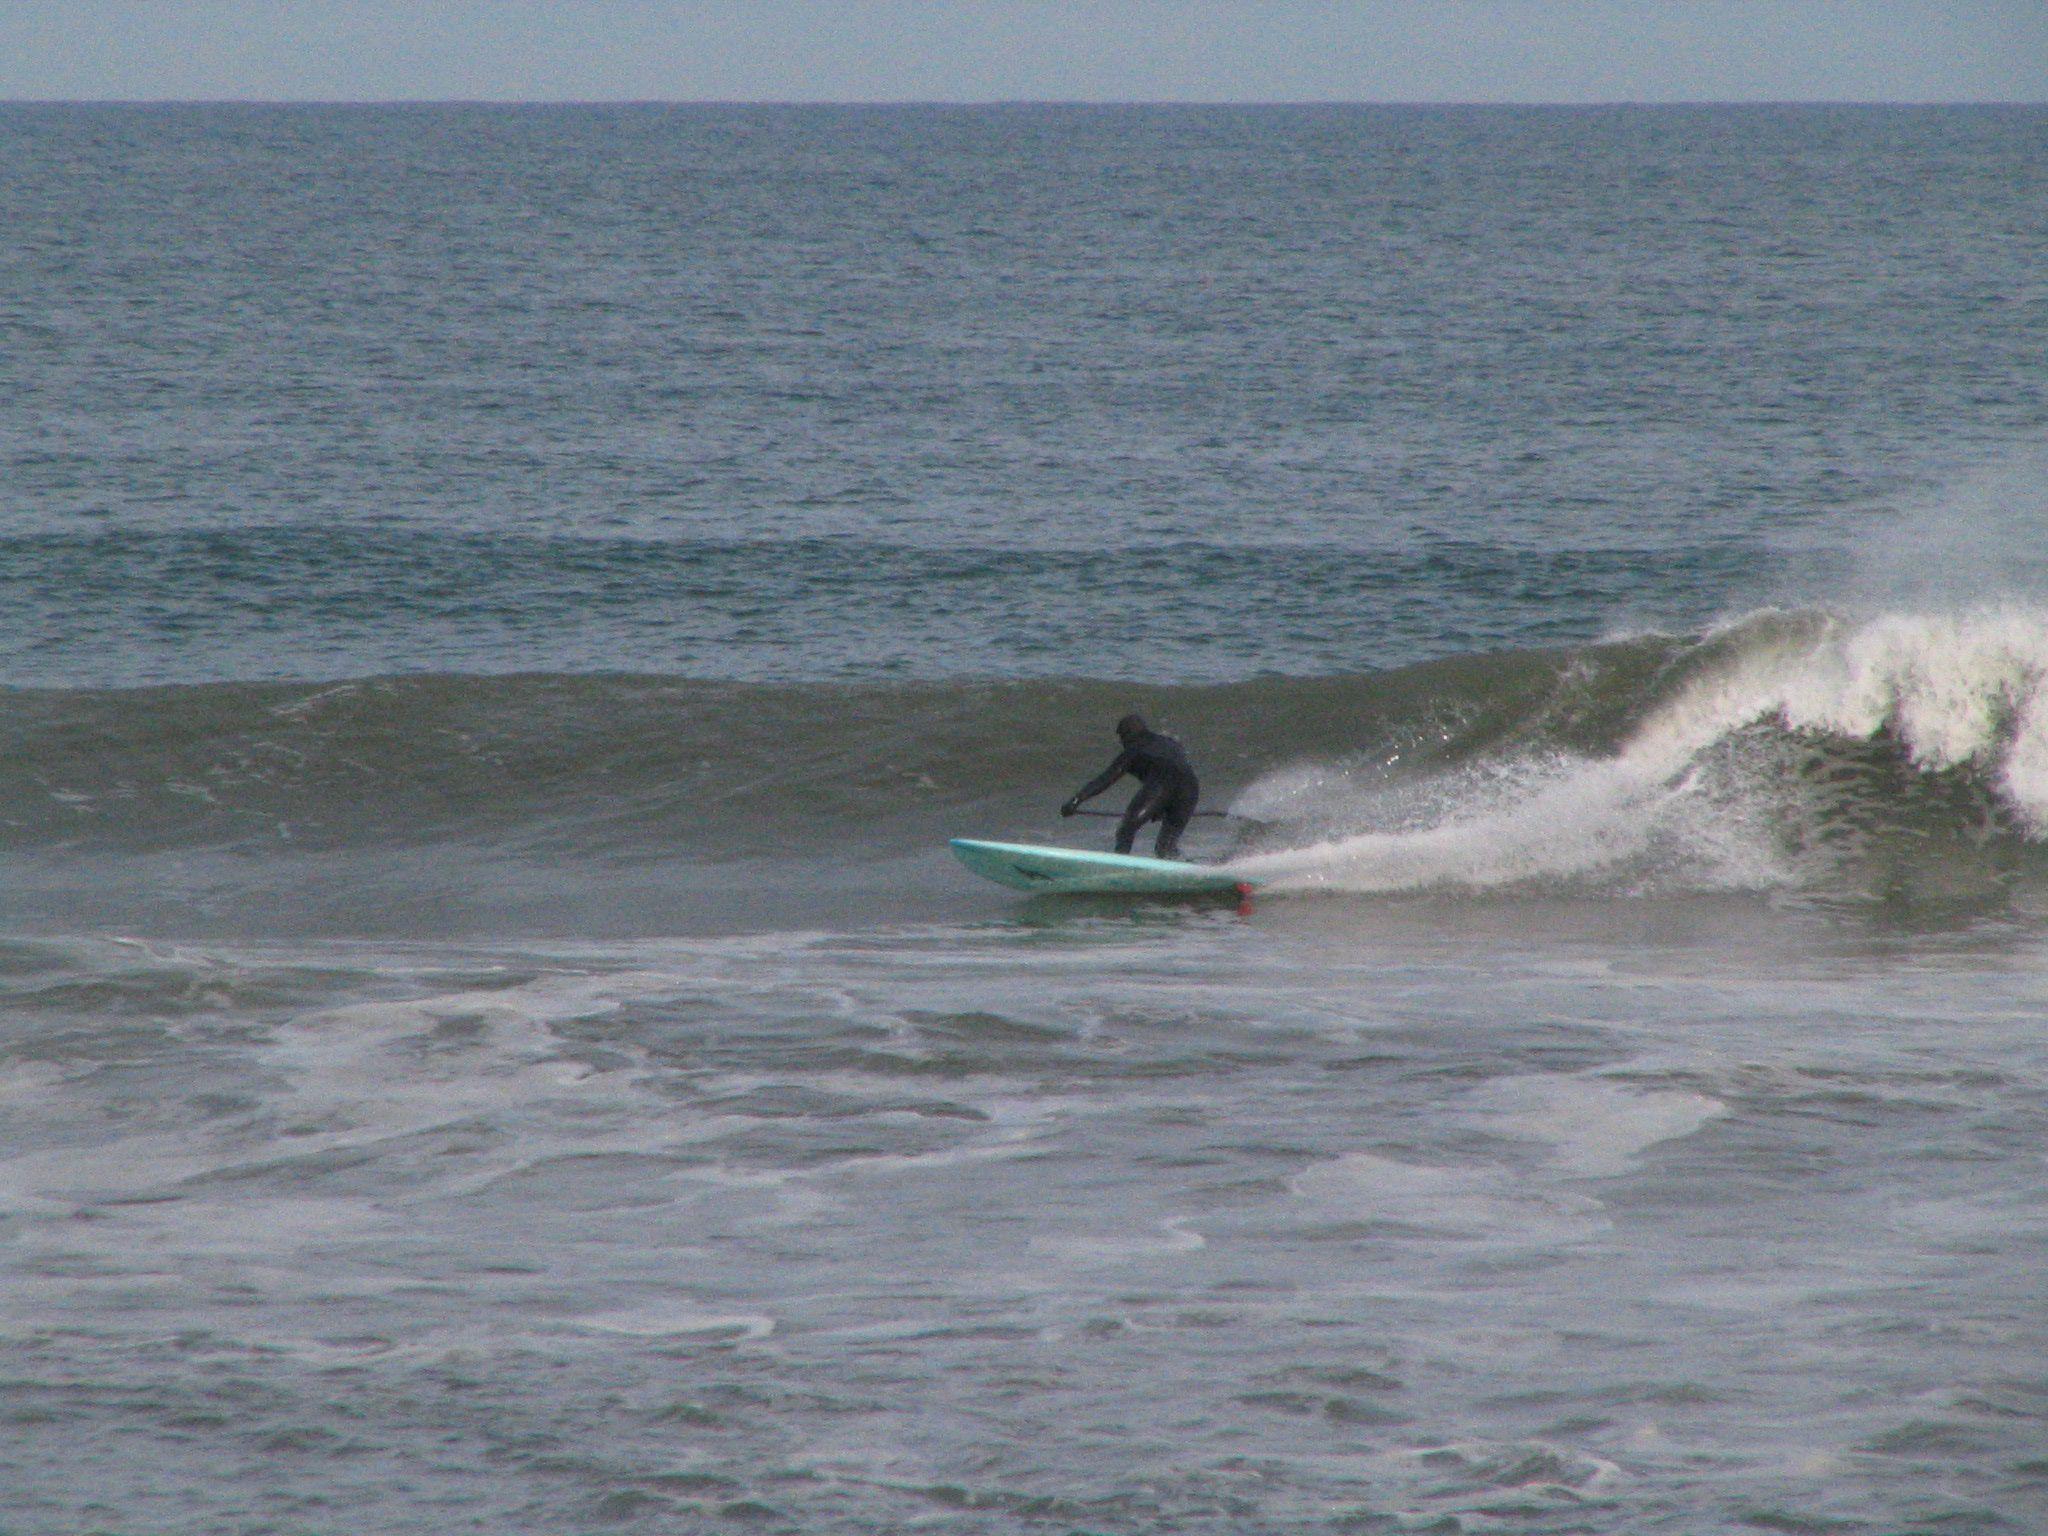 December Surfing In Kitty Hawk Surfer Tim Nolte Surfing Surfer Outdoor